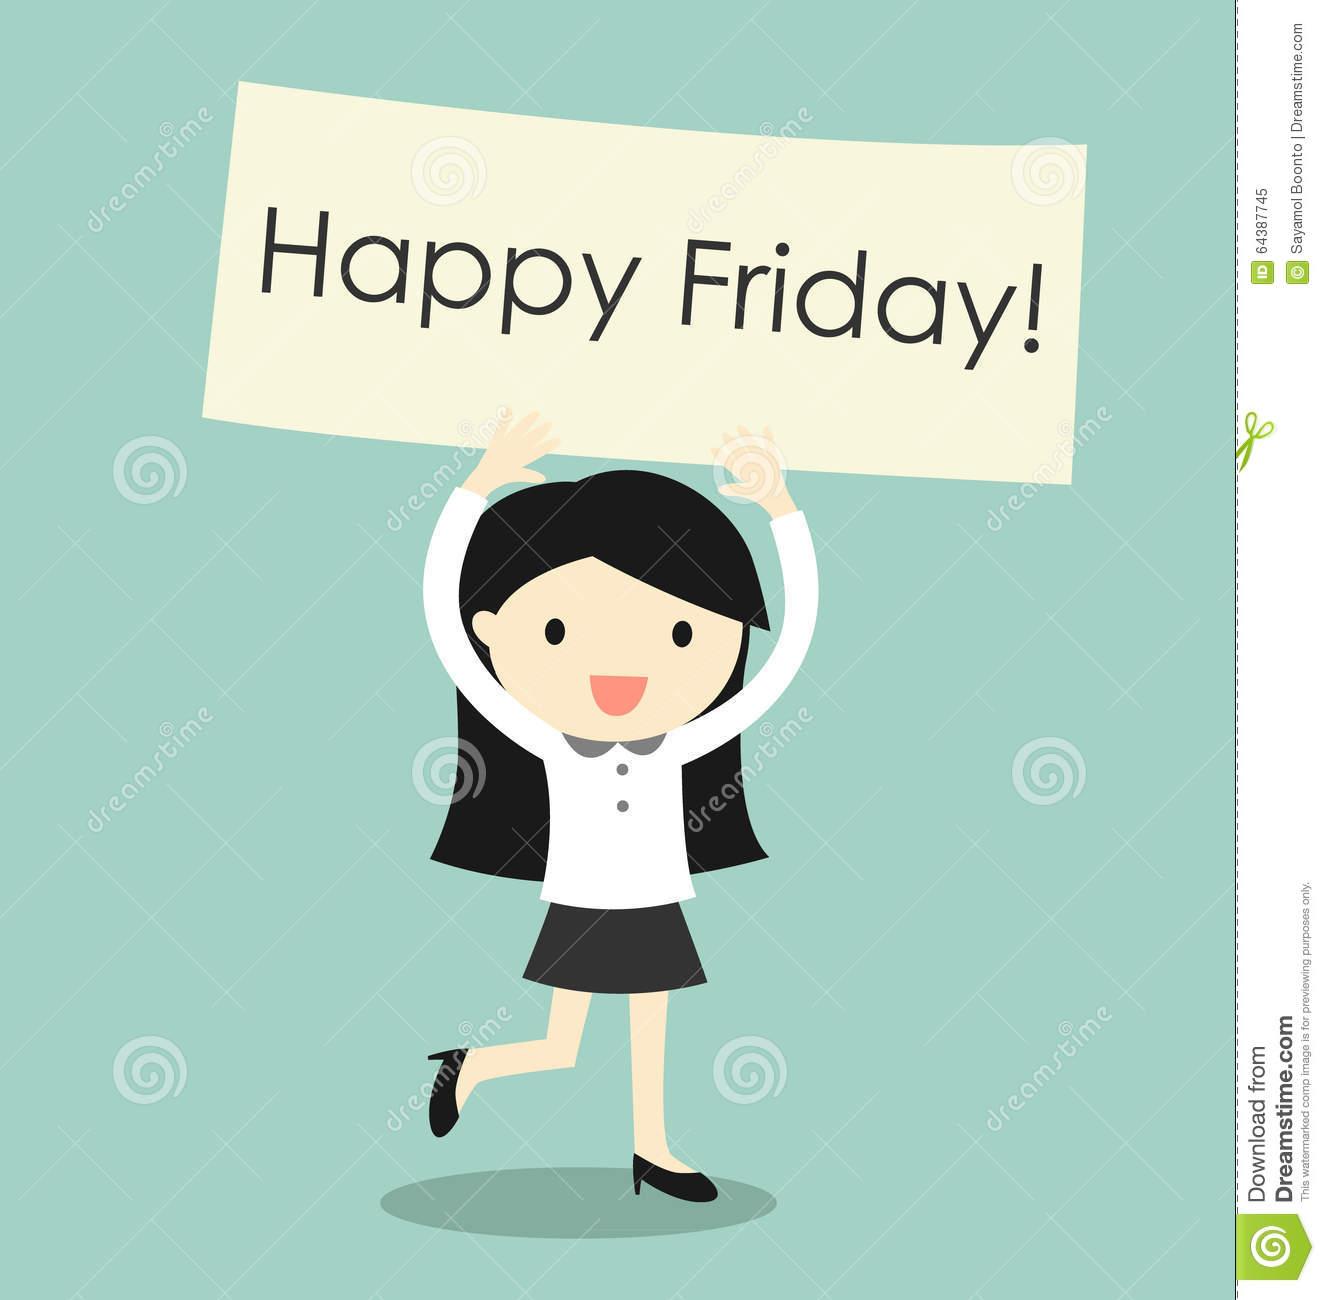 Clipart Happy Friday